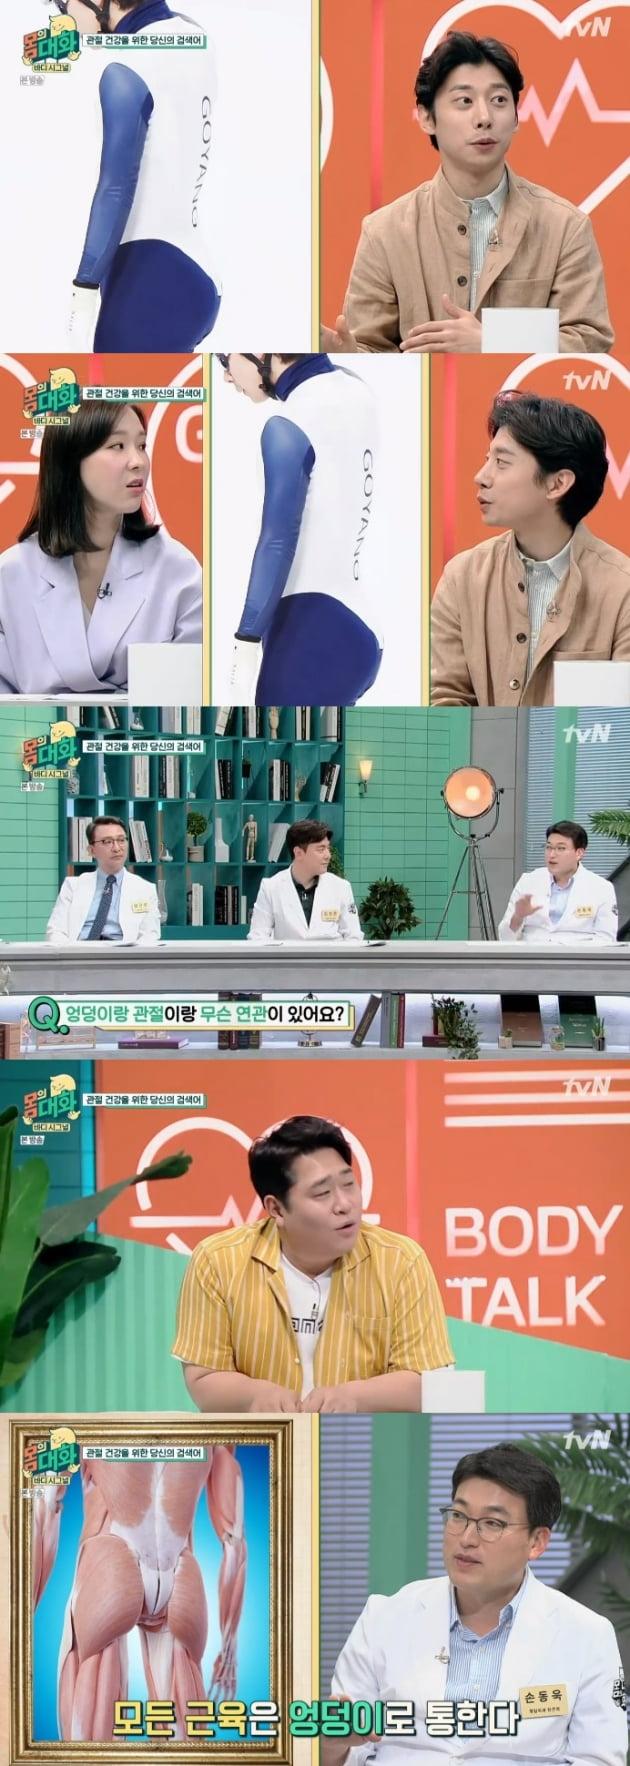 '몸의 대화' 곽윤기 / 사진 = tvN 영상 캡처